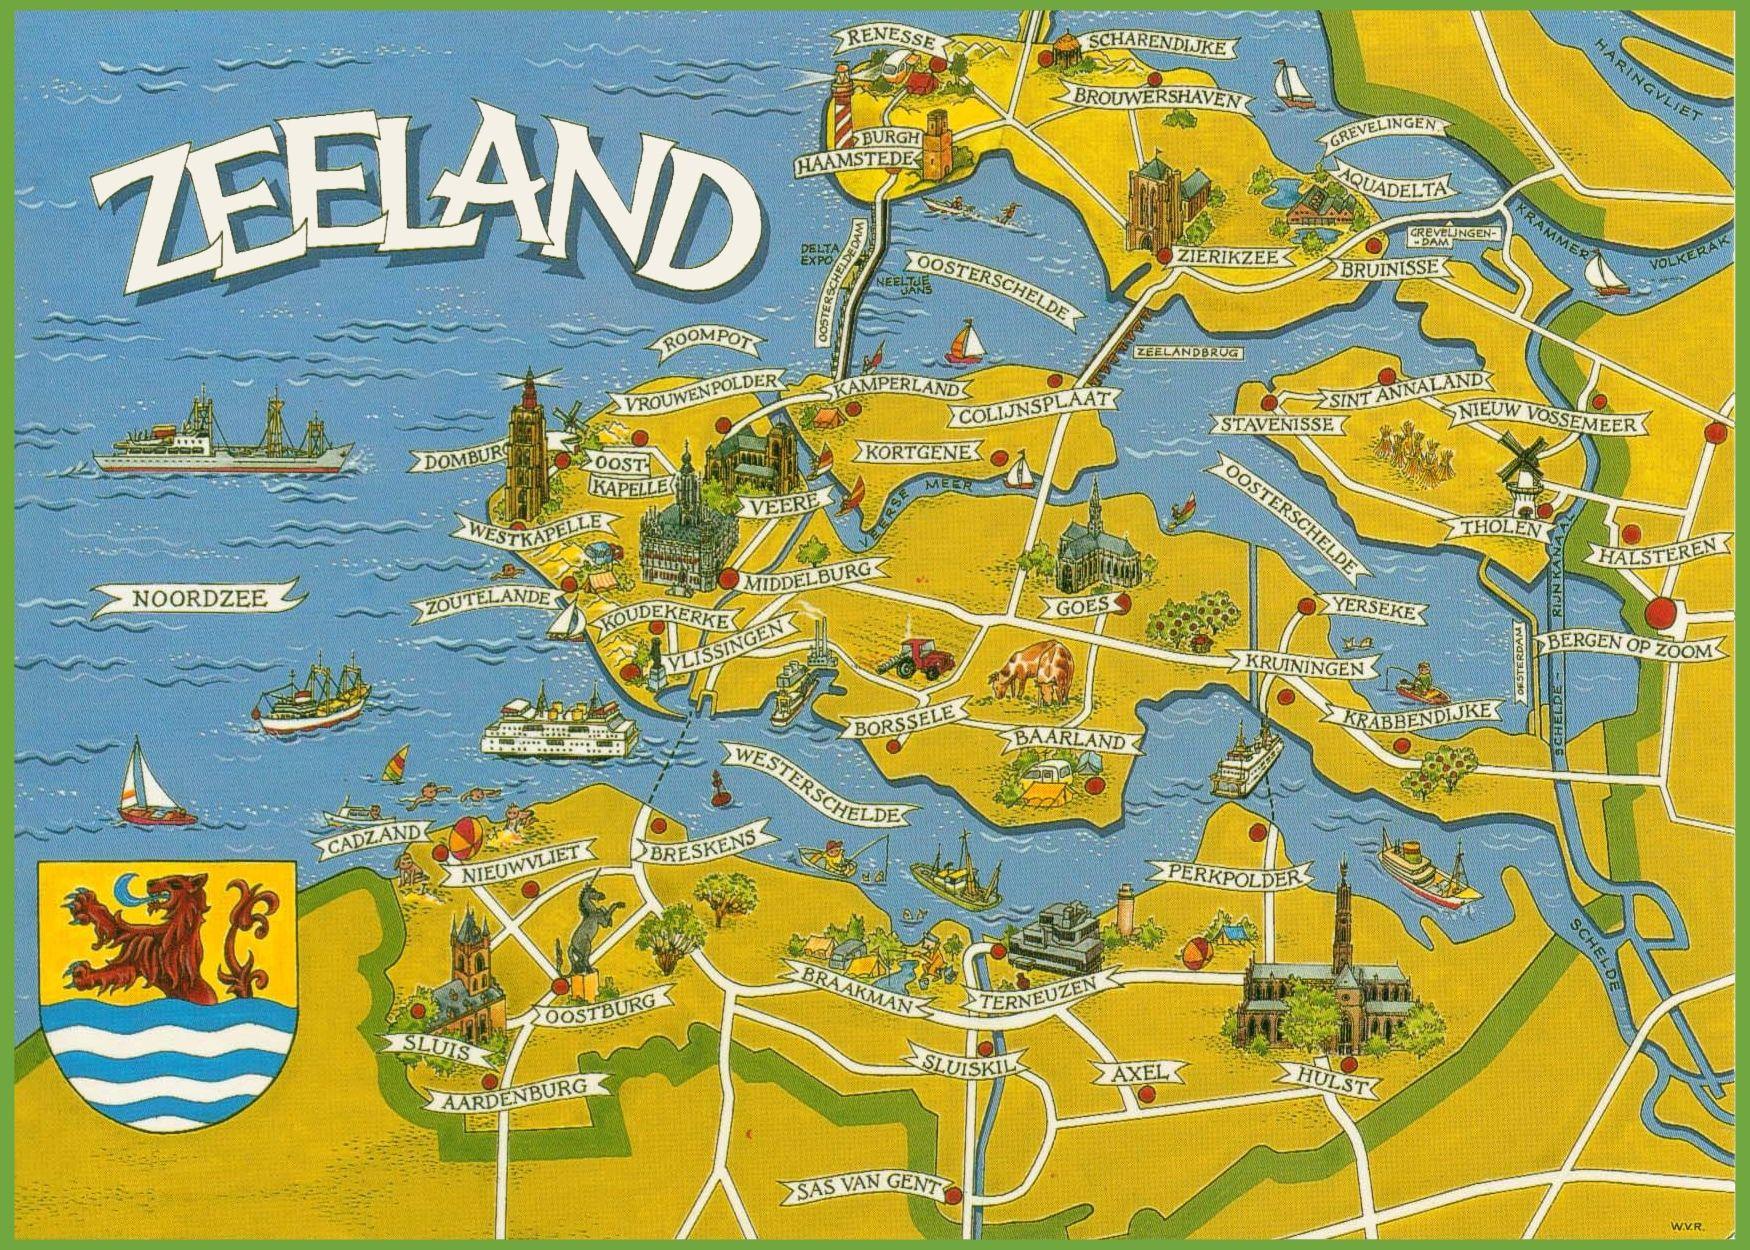 Zeeland Tourist Map The Tourist Vakantiekaarten Ansichtkaart